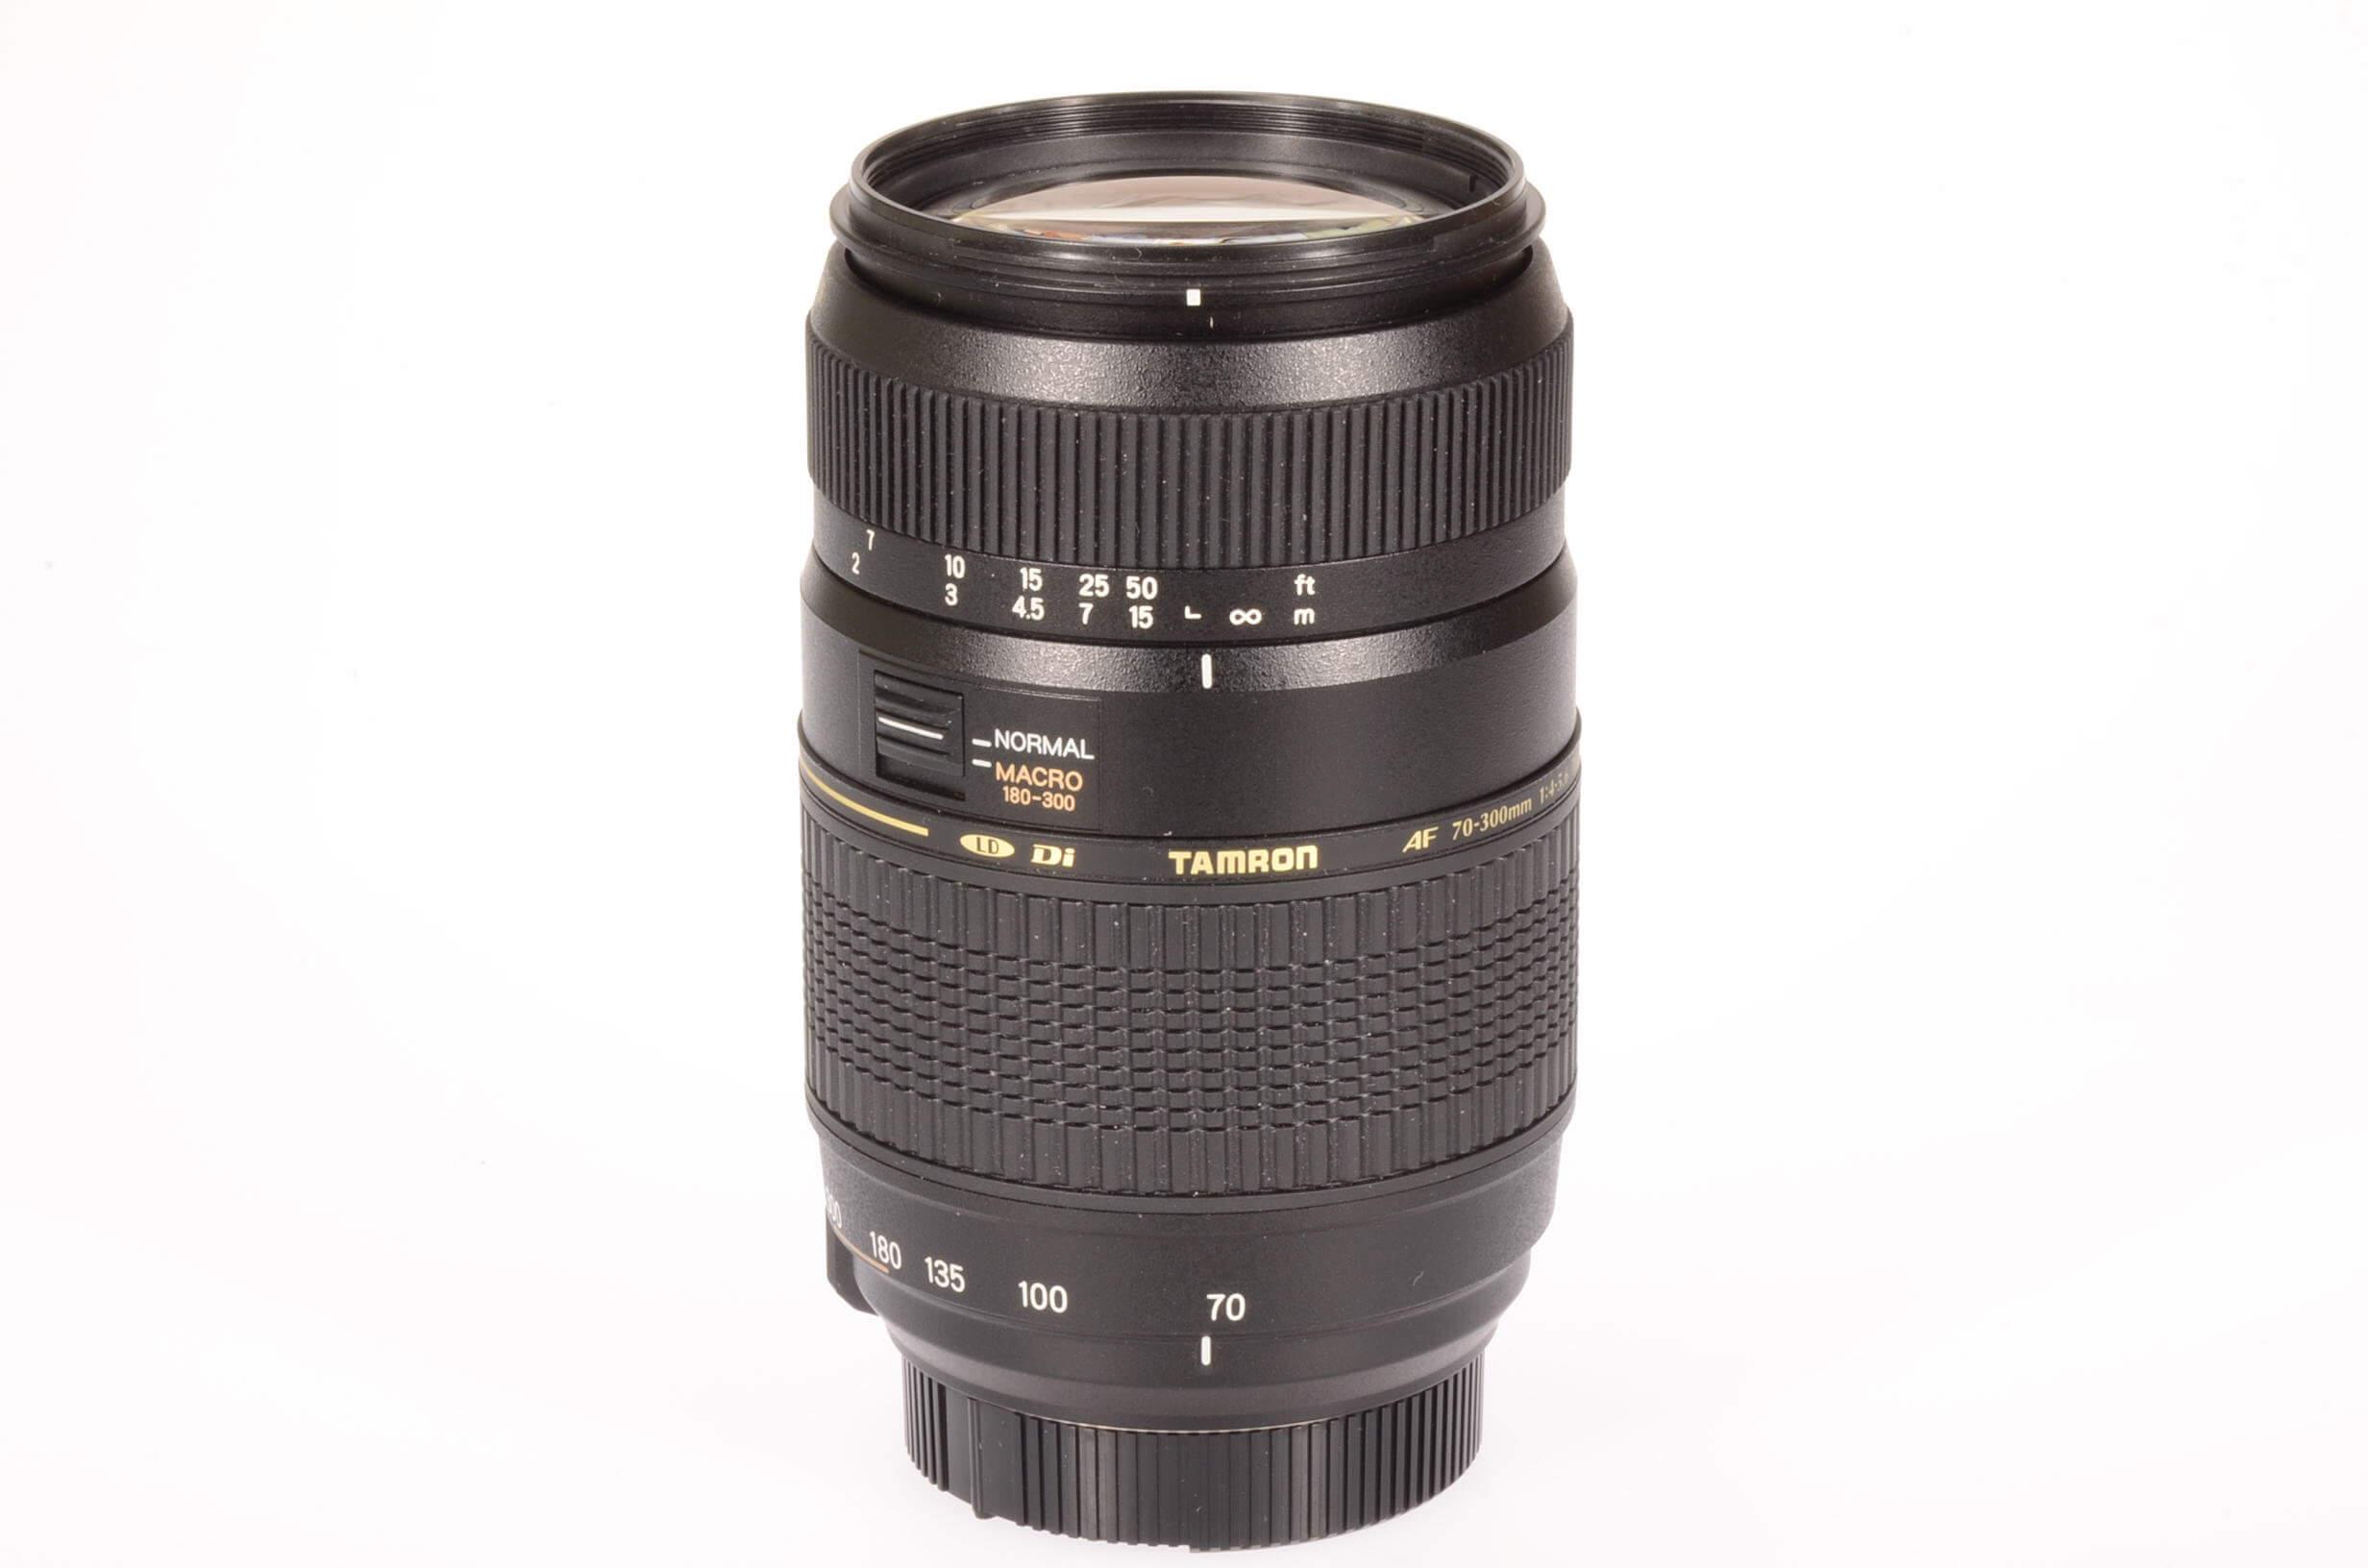 Tamron 70-300mm f4-5.6 AF Di LD, Nikon AF mount, mint!